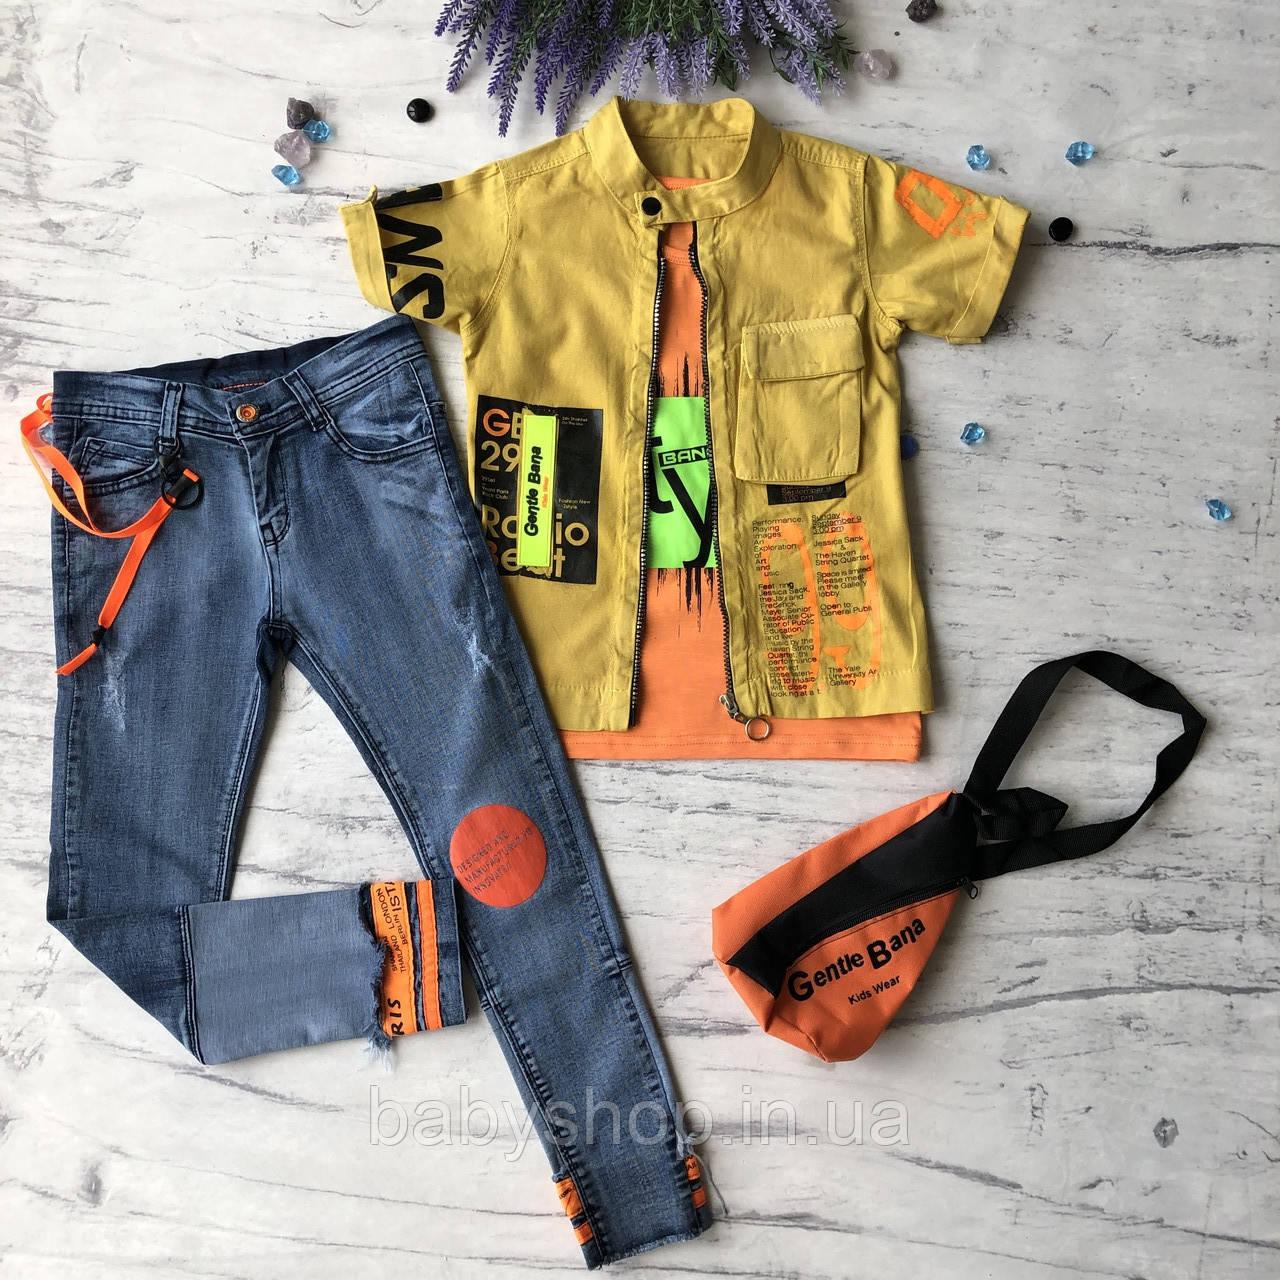 Летний джинсовый костюм на мальчика 8. Размер 6 лет